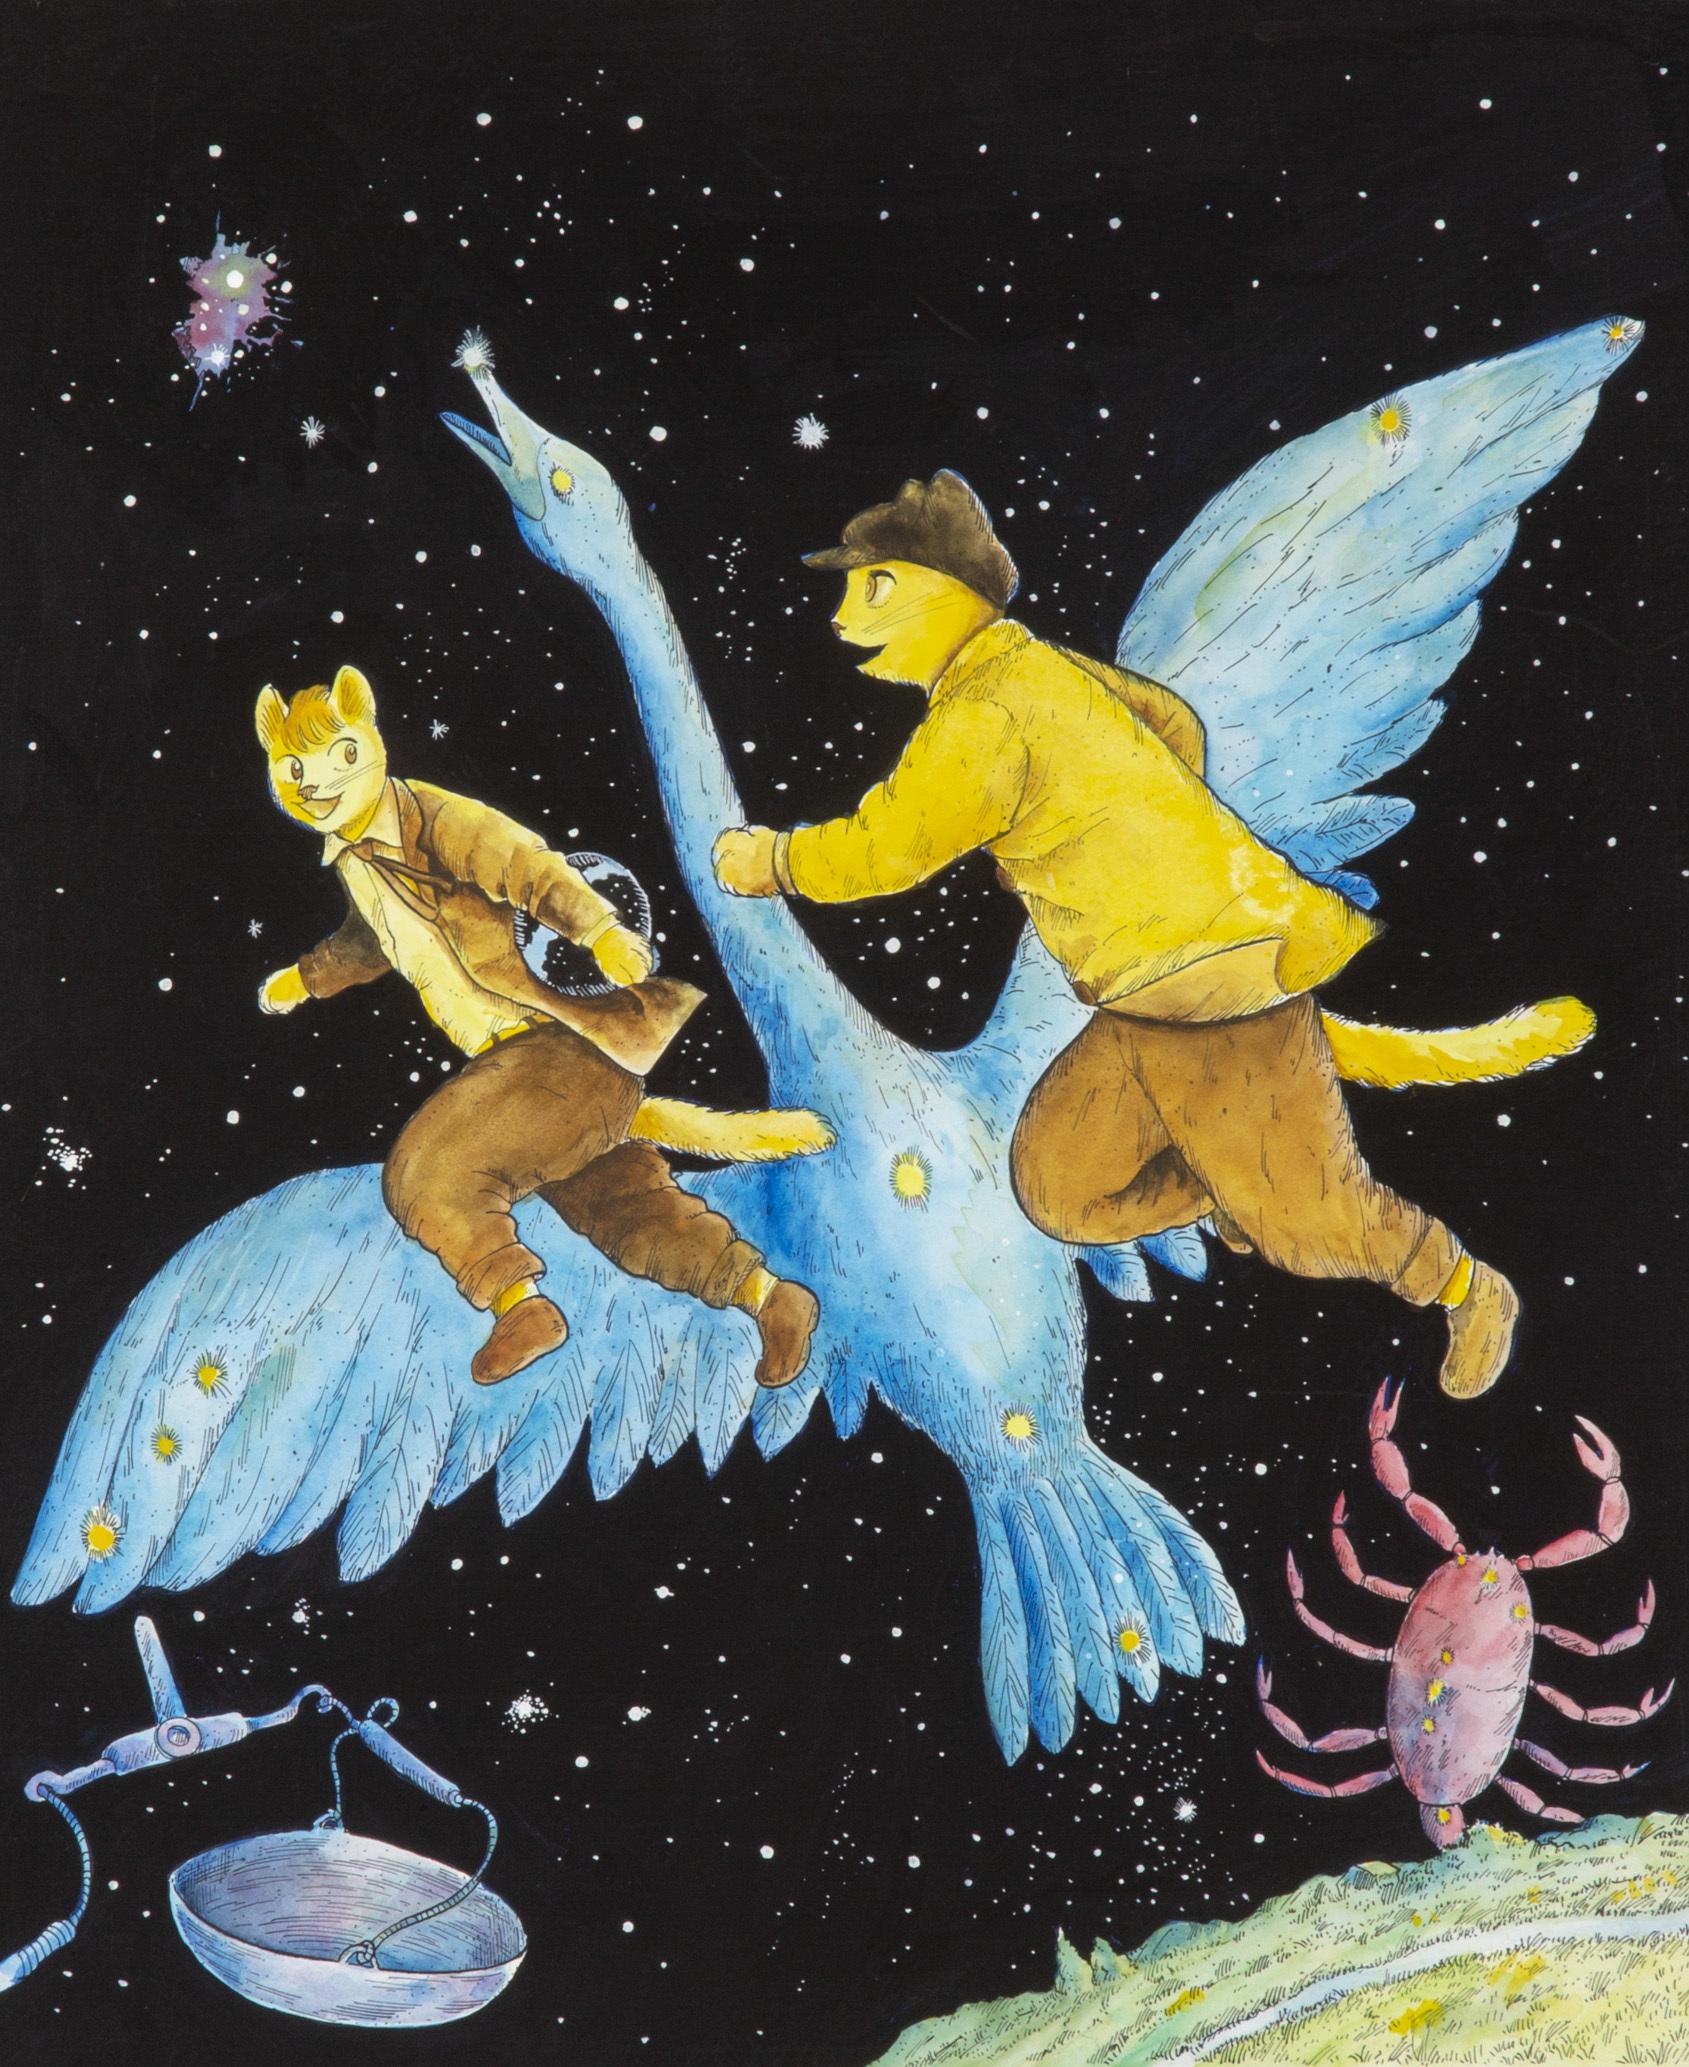 ますむらひろし《銀河鉄道の夜》1983年発表 (C)ますむら・ひろし